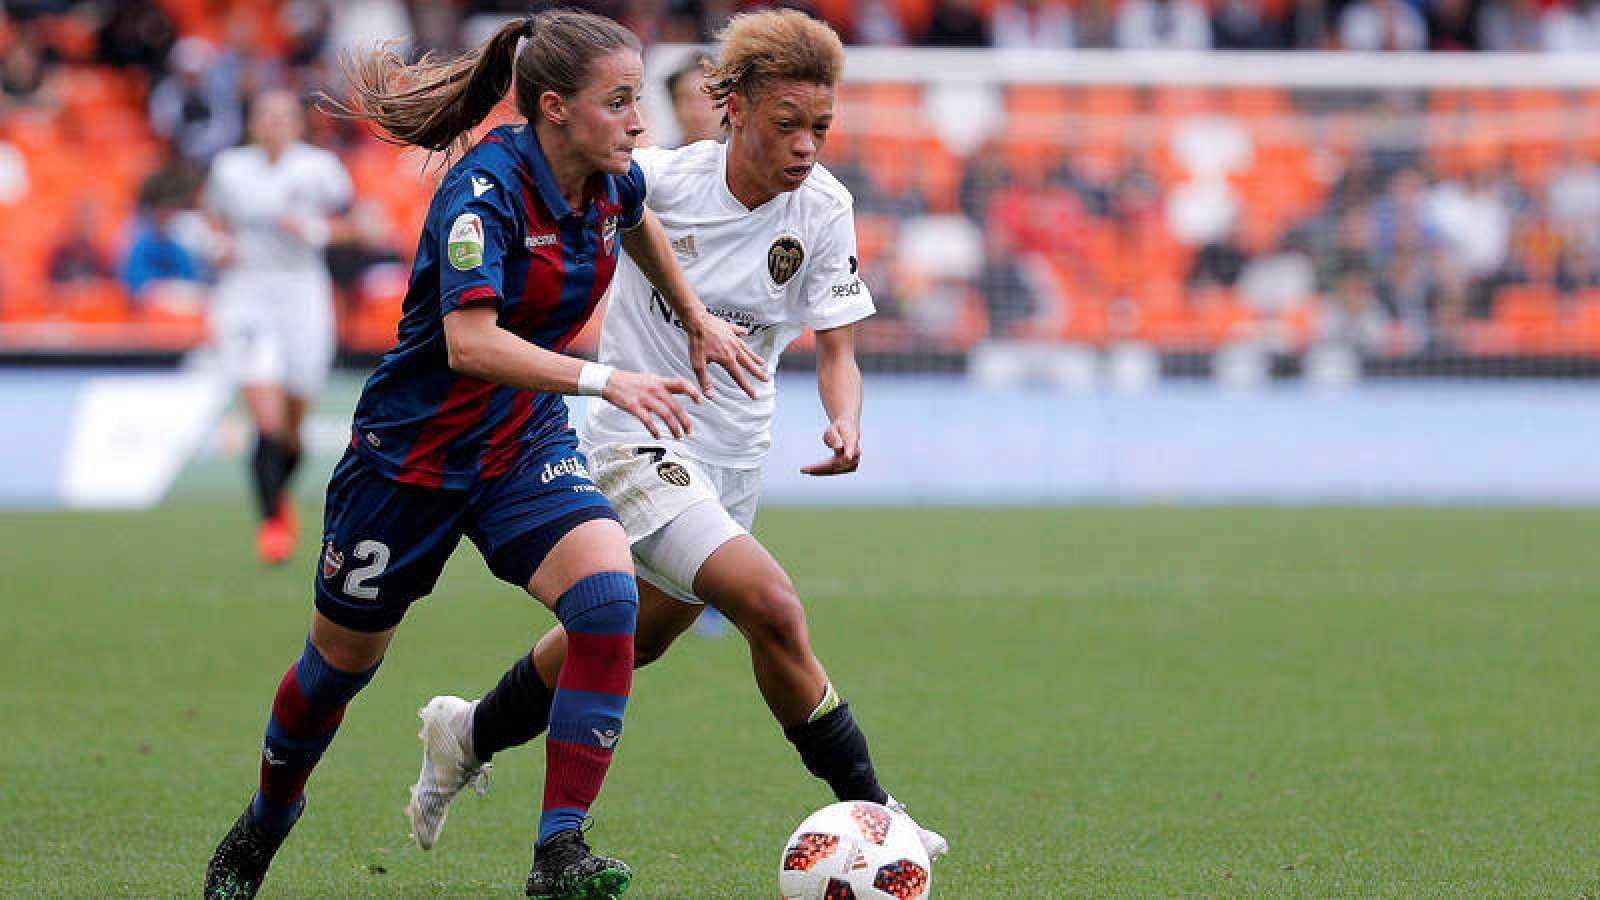 La plataforma 8M DE TOLEDO apoya la huelga del fútbol femenino español - www.lavozdeltajo.com